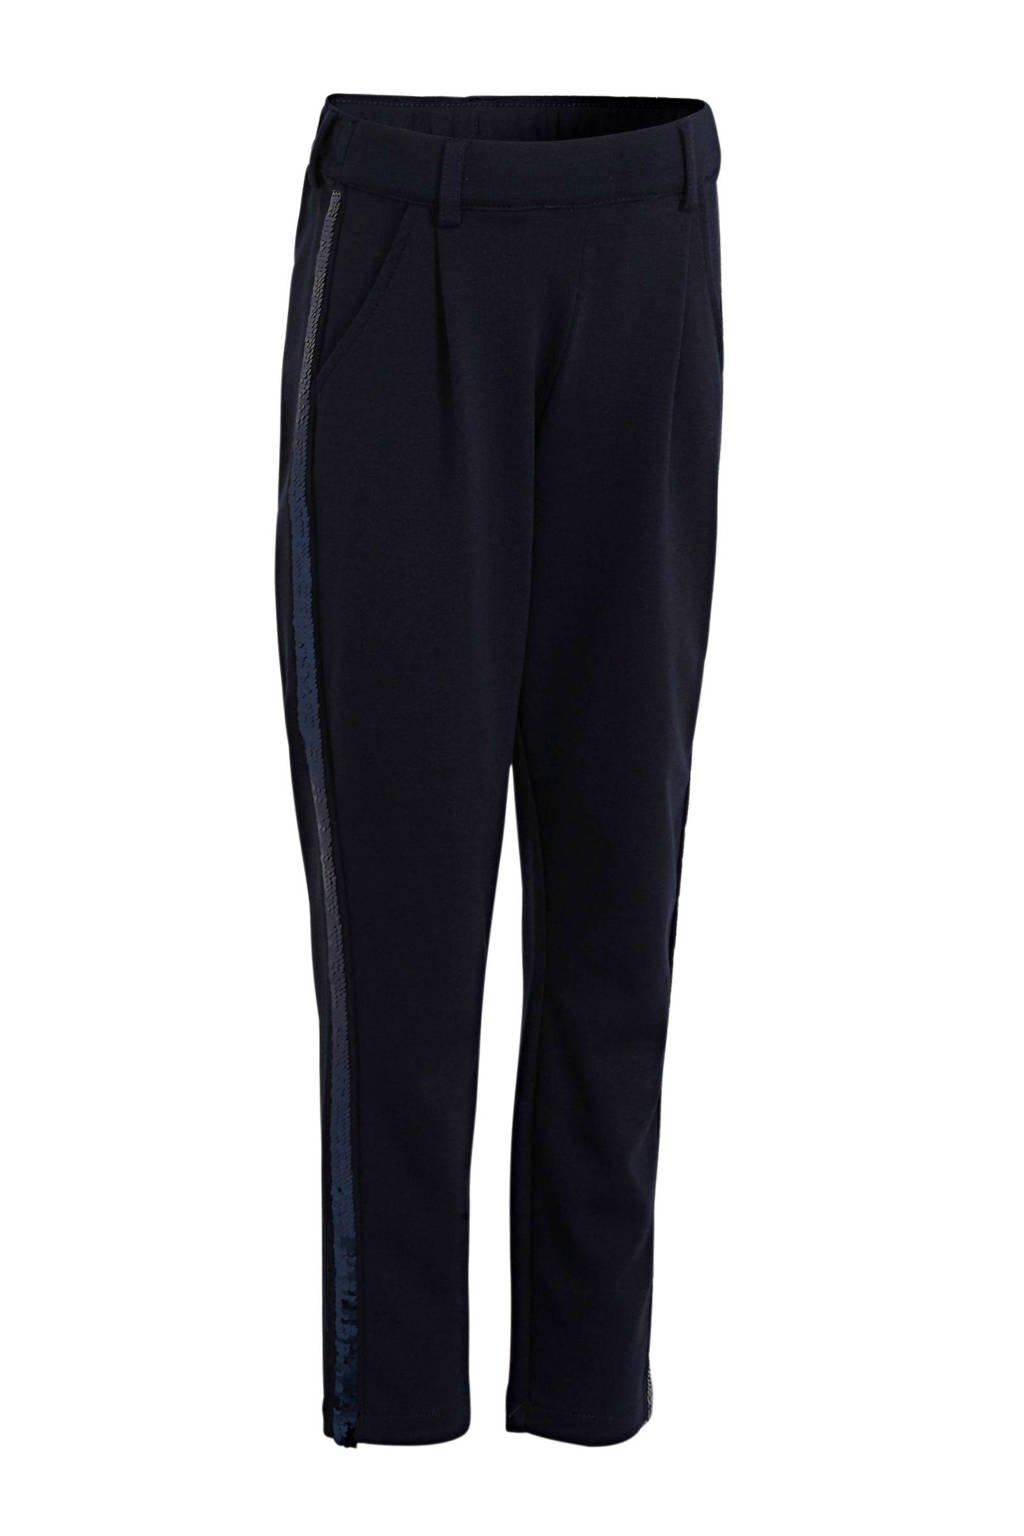 s.Oliver broek met zijstreep donkerblauw, Donkerblauw